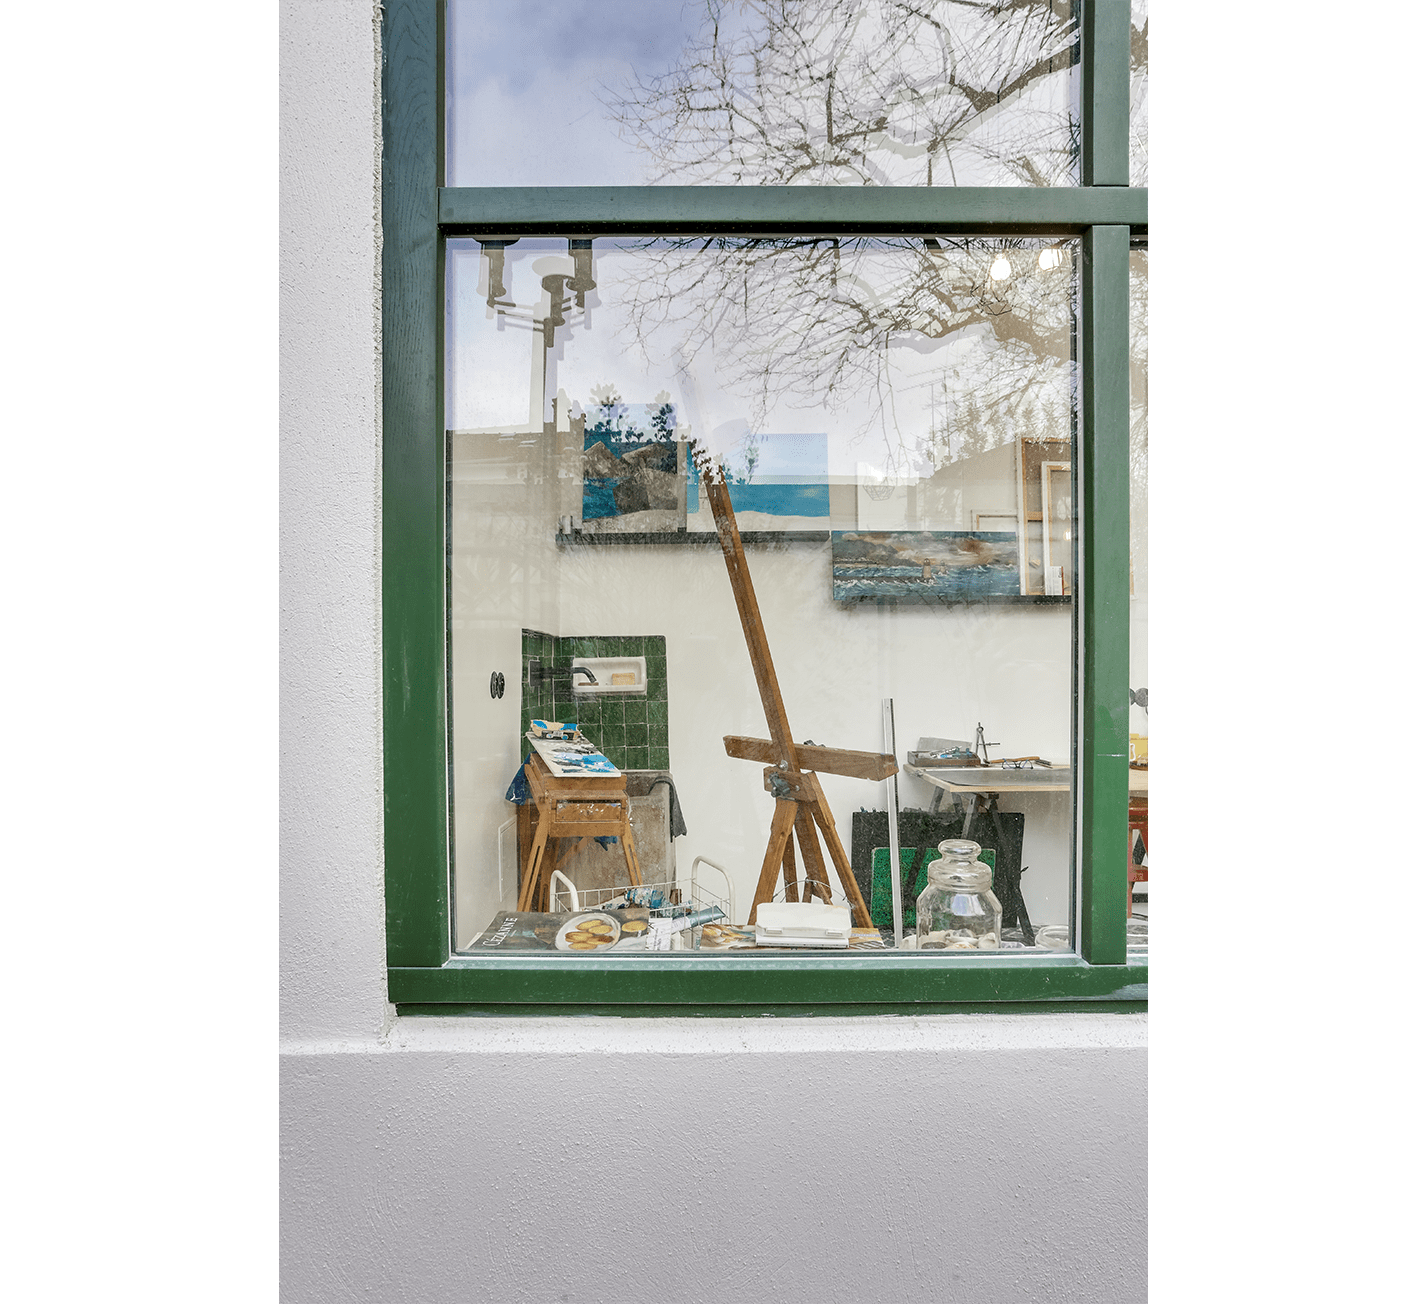 Projet-LAtelier-Atelier-Steve-Pauline-Borgia-Architecture-interieur-02-min